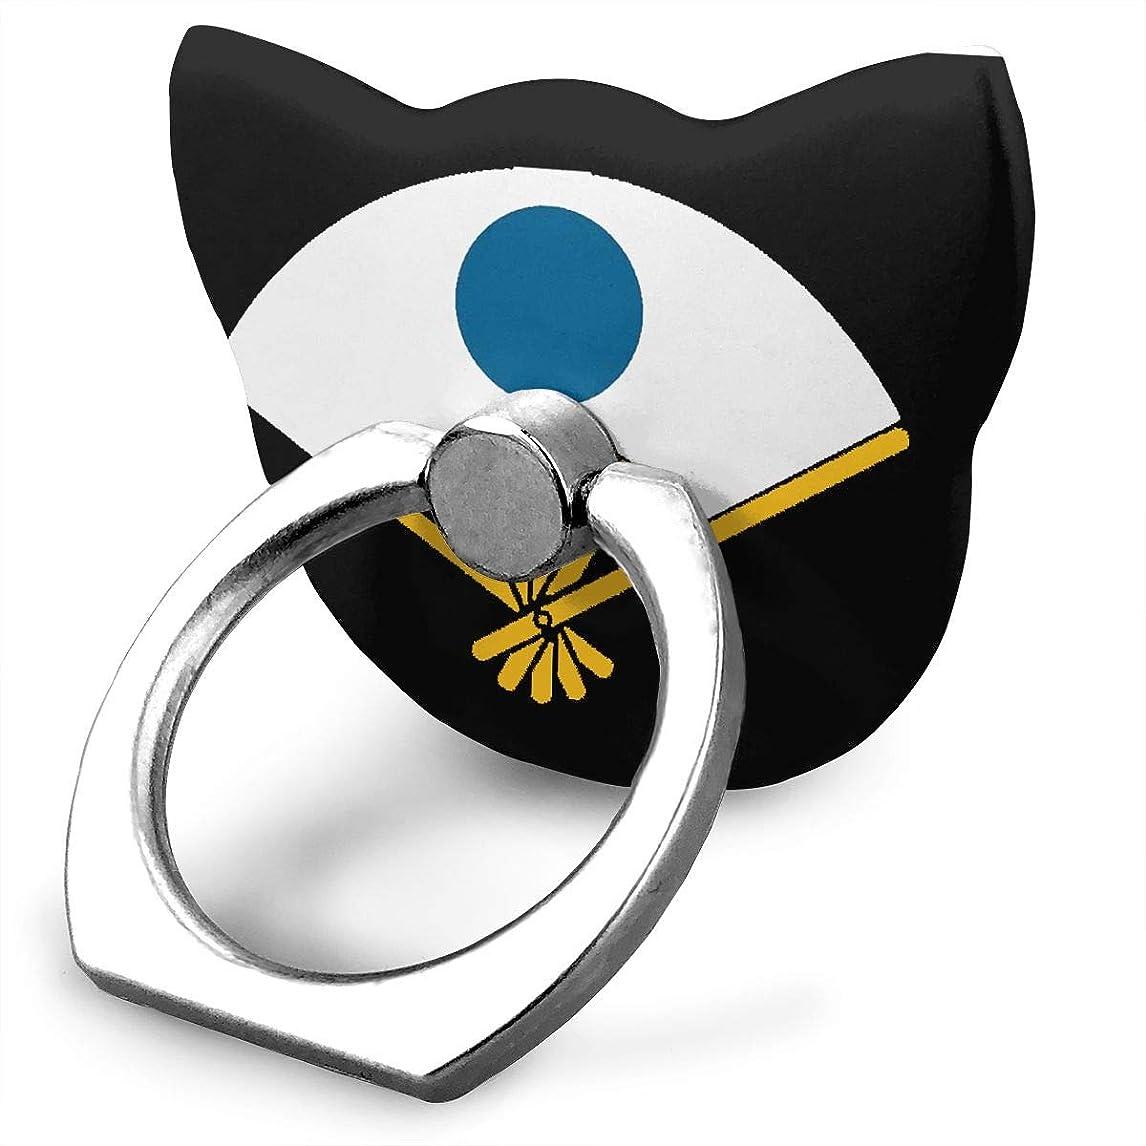 オール影のある花弁石田三成 戦国武将家紋シリーズ 可愛い猫 リングホルダー ホールドリング スタンド機能 落下防止 360度回転 IPhone/Android各種他対応